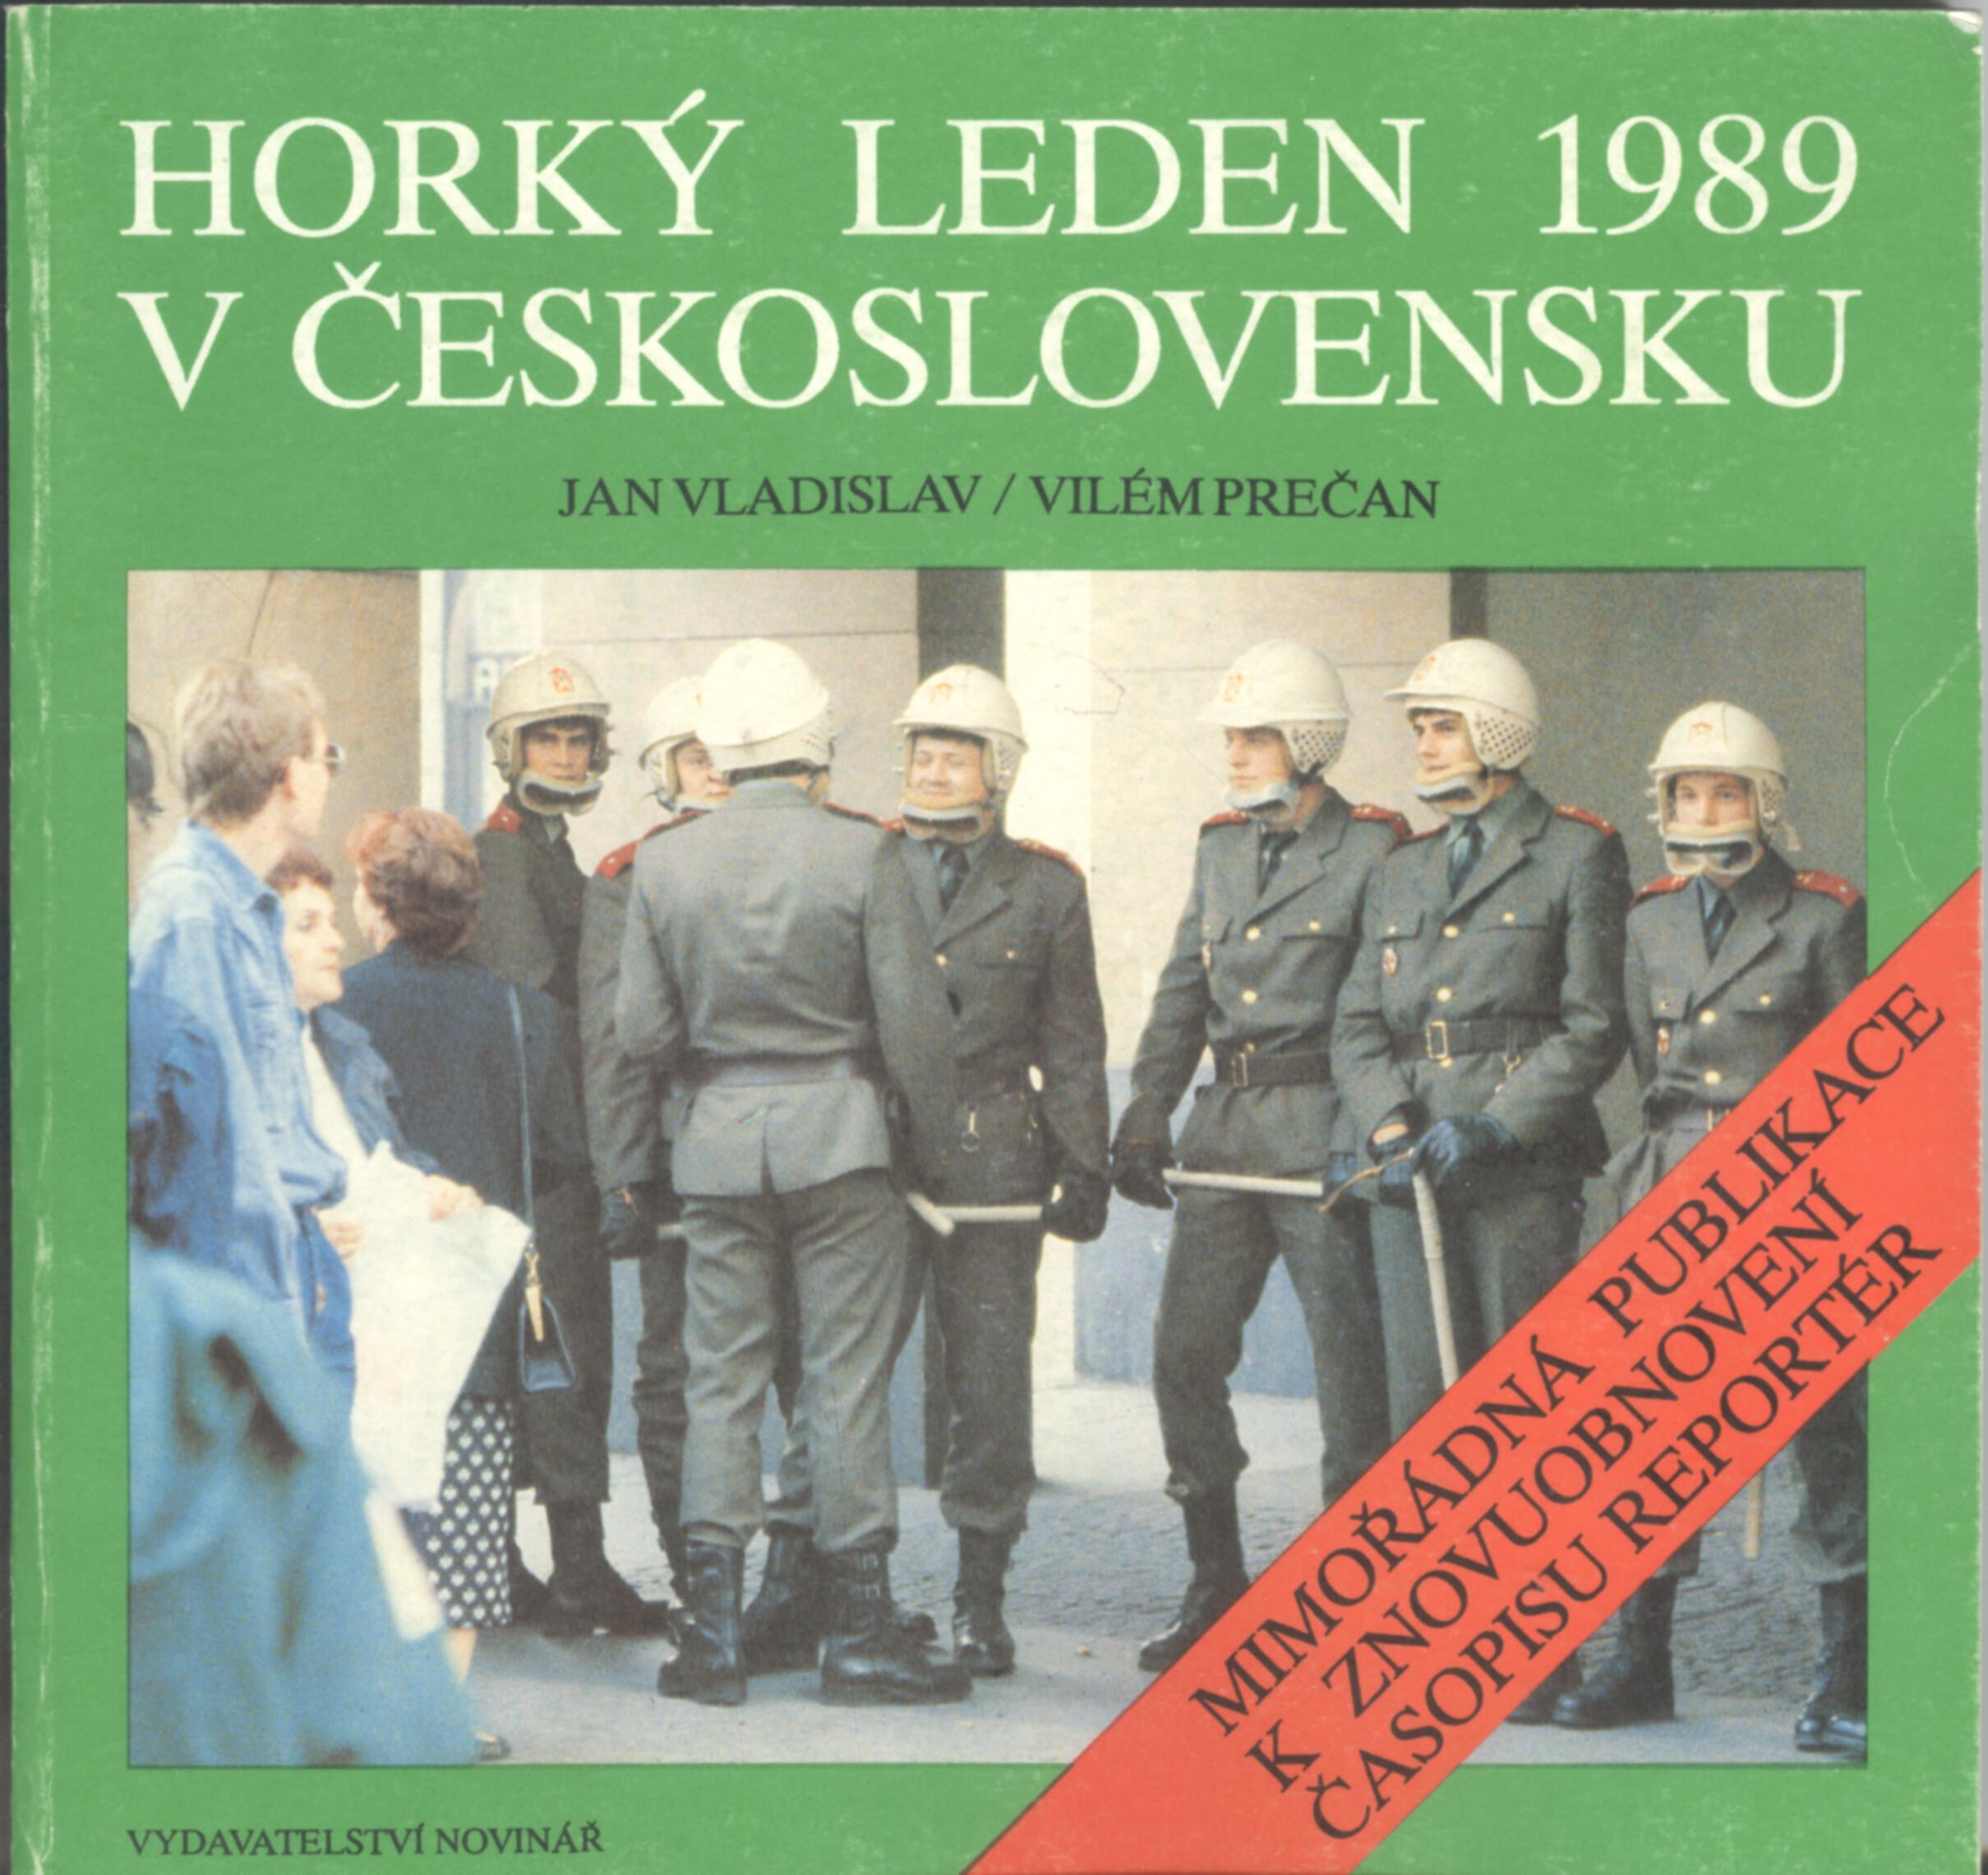 Horký leden 1989 v Československu - Jan Vladislav, Vilém Prečan